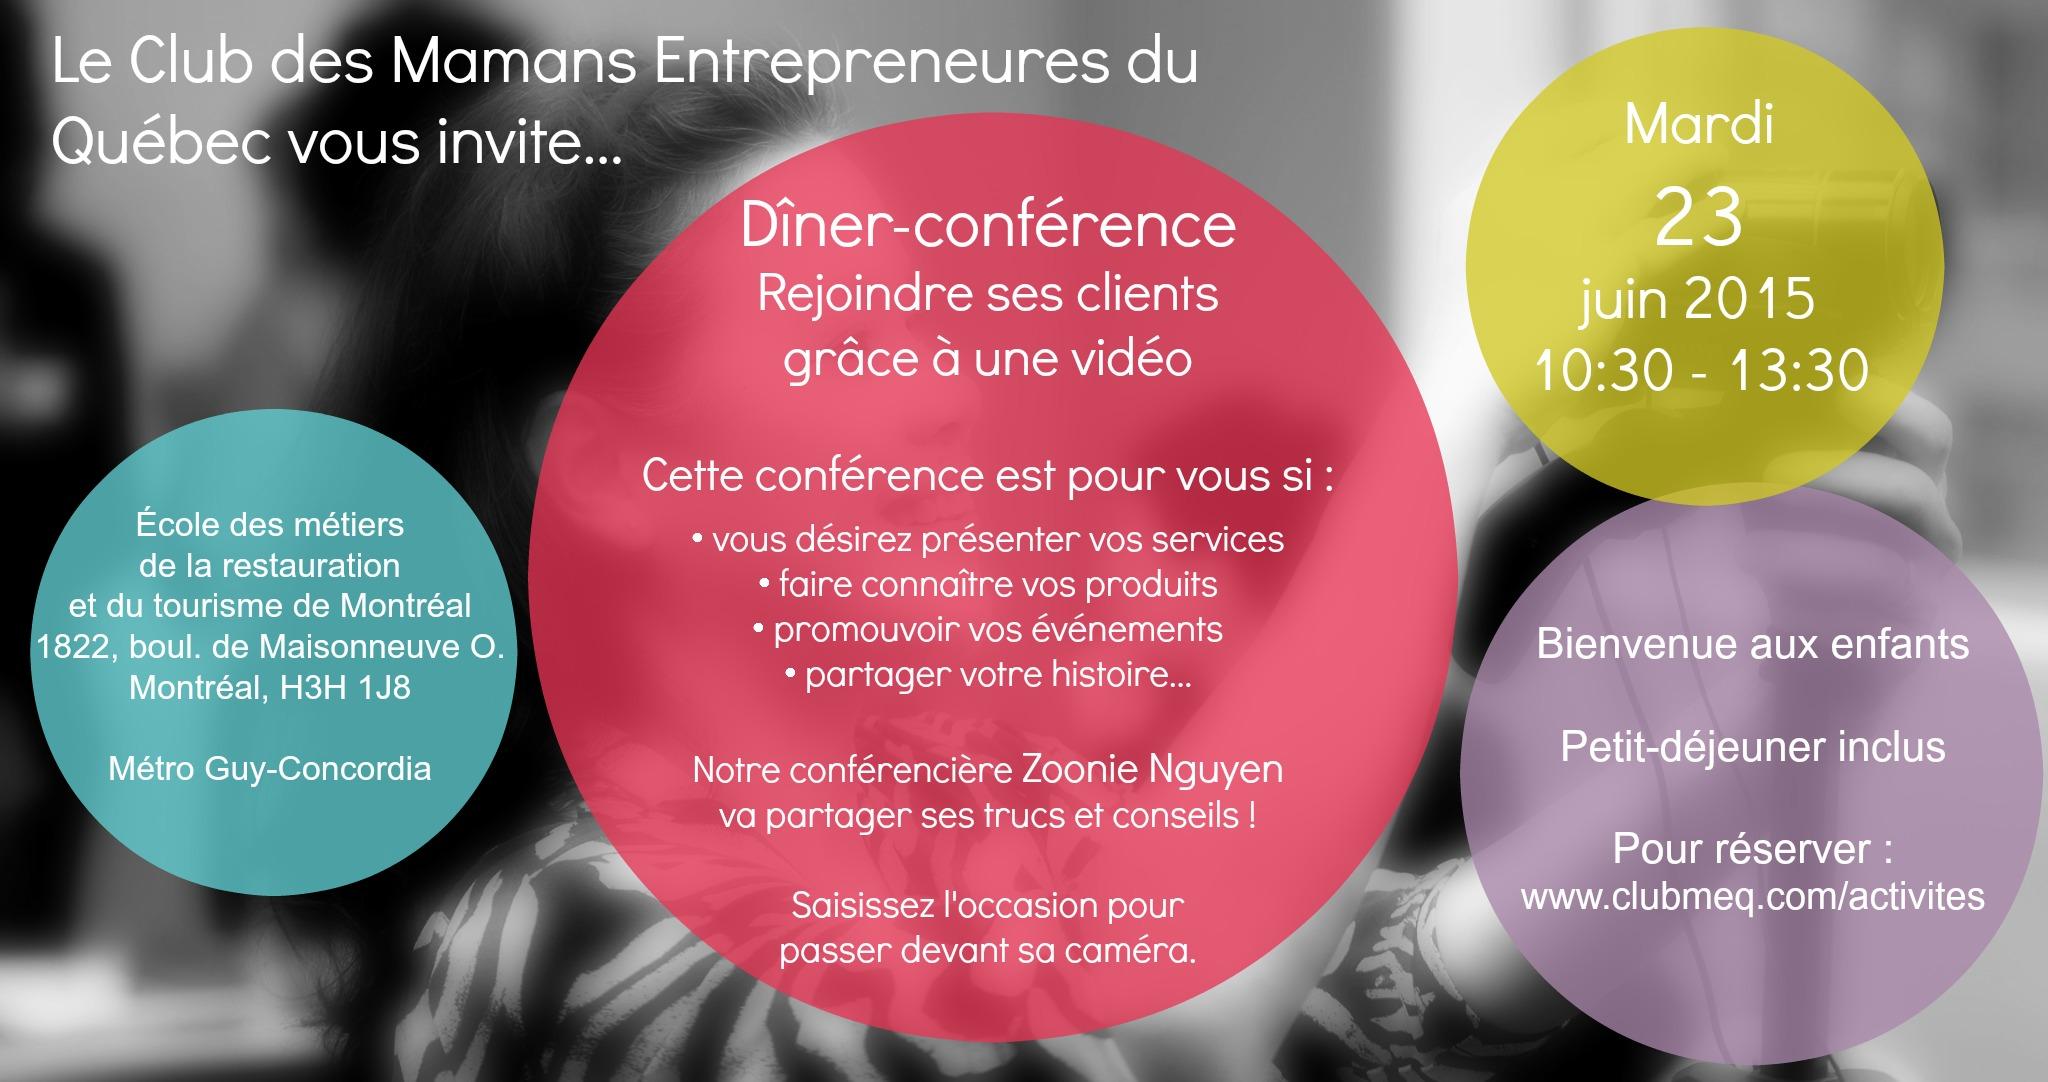 dîner-conférence 23 juin vidéo marketing